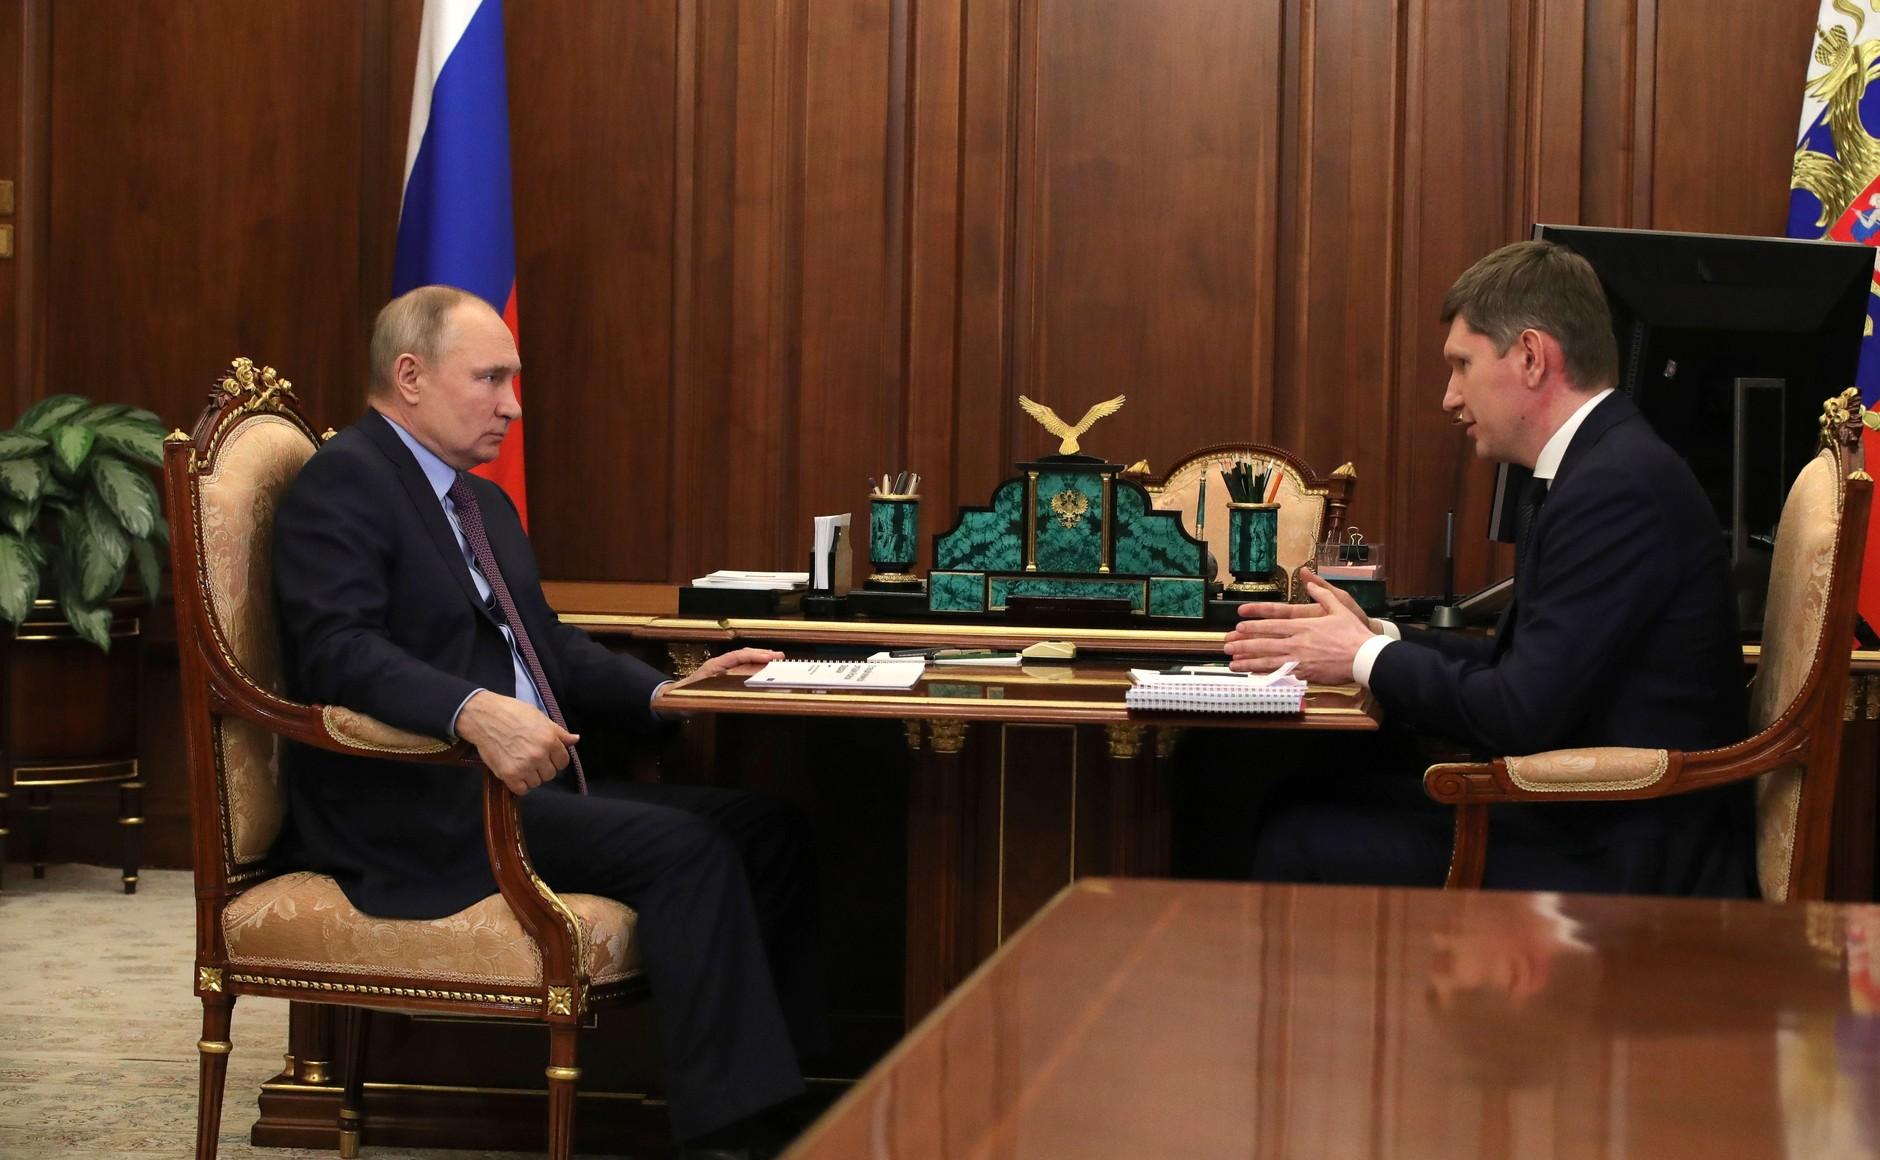 RU 0402 PH 1 KK 4 Développement économique Maxim Reshetnikov 4 février 2021